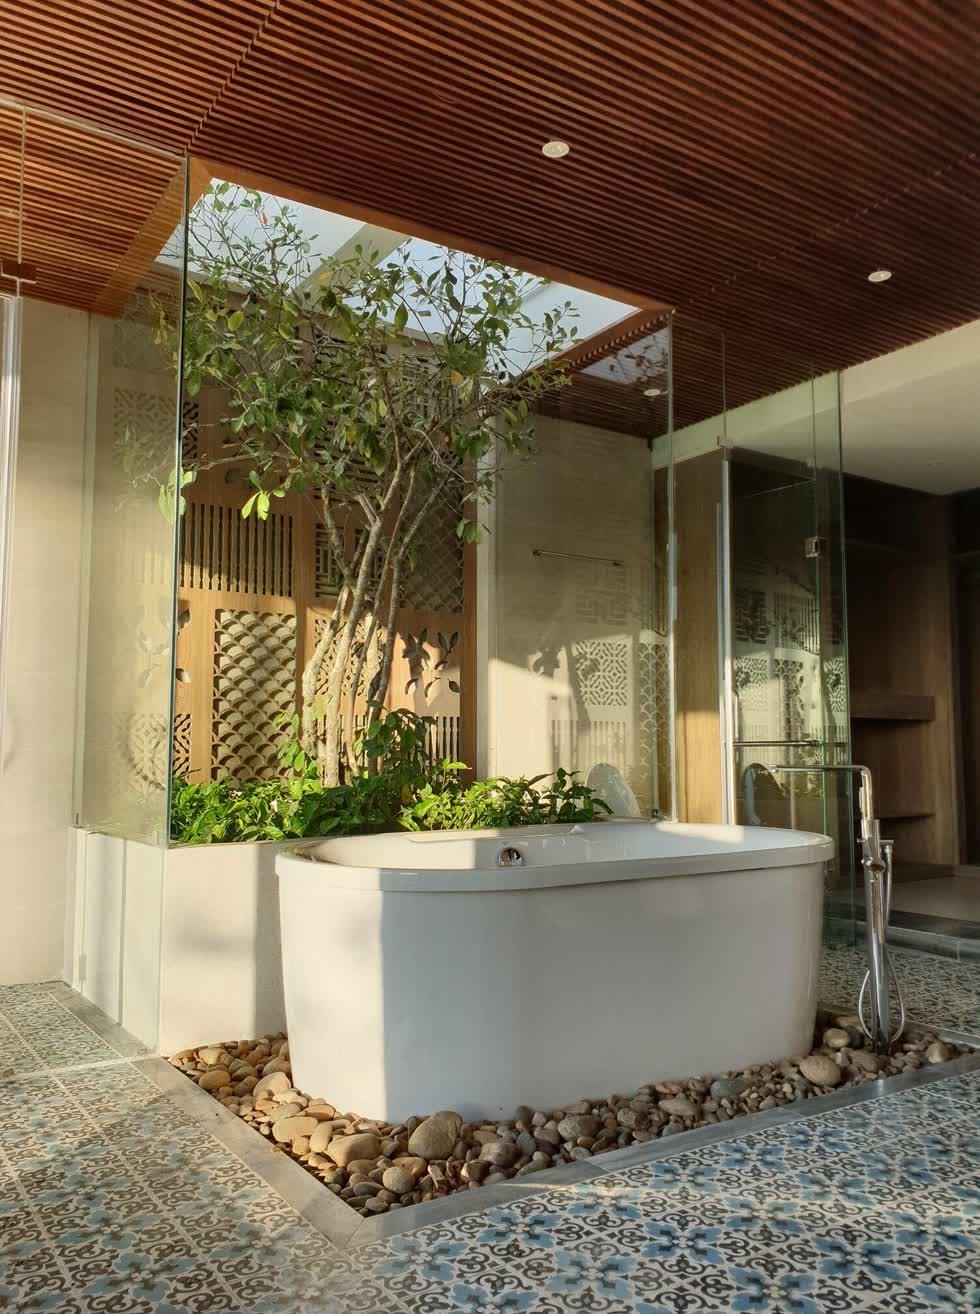 Bồn tắm nằm ở vị trí gần giếng trời chan hòa ánh sáng.